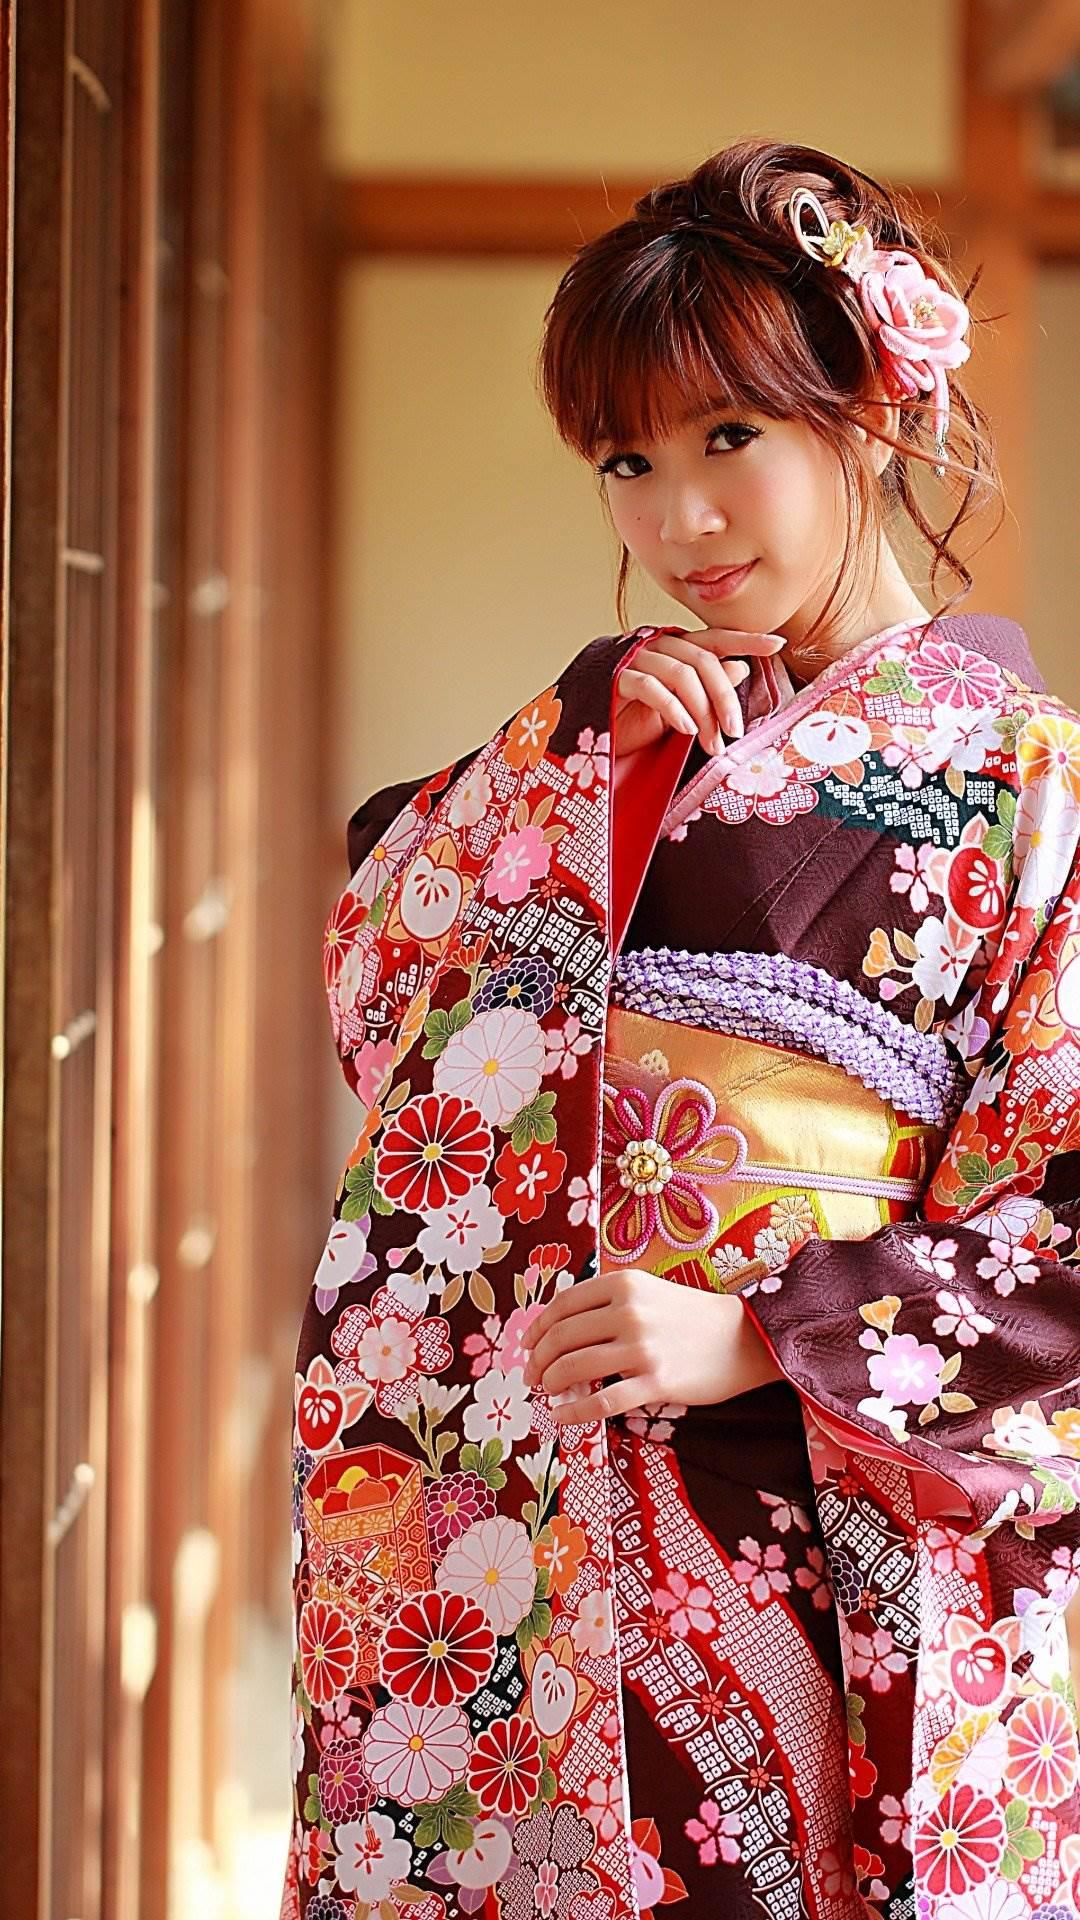 японскую красивую видео - 10